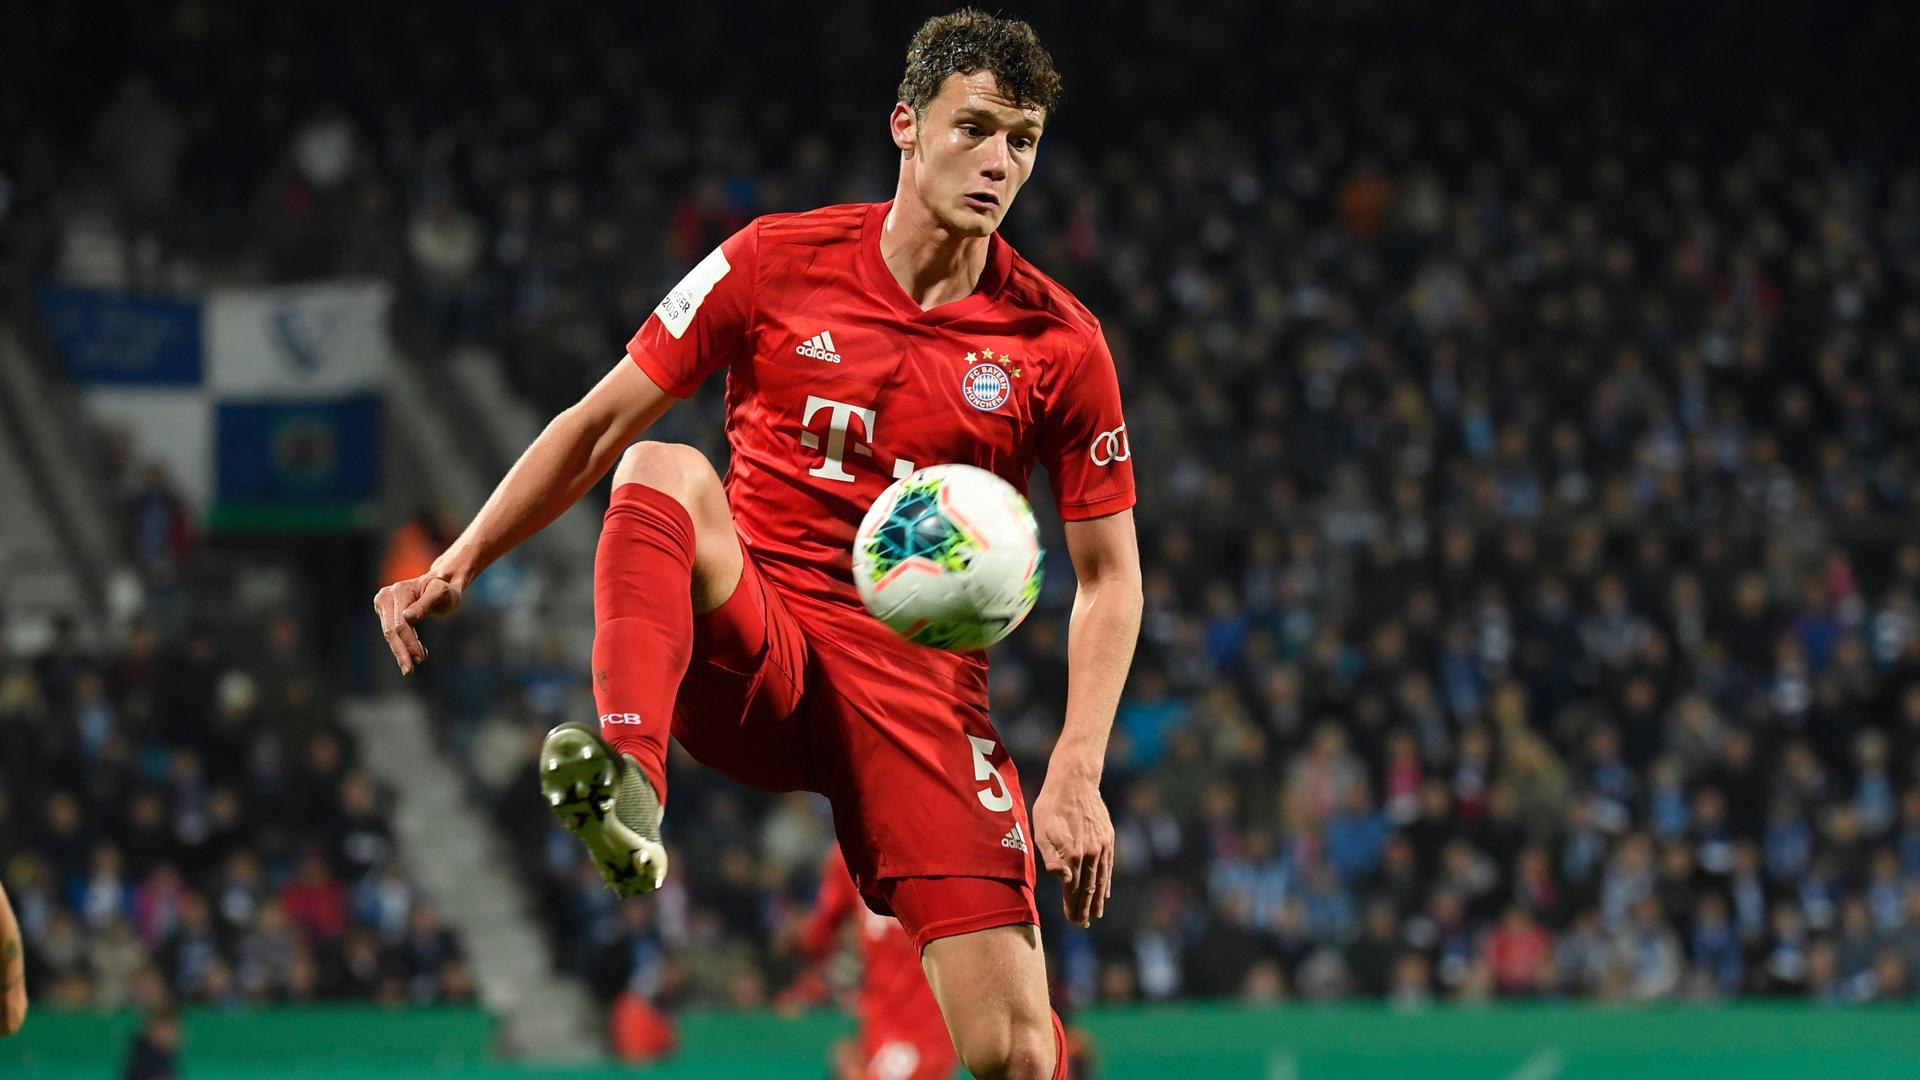 Le point JEU #19 : Brandt régale, le Bayern assure